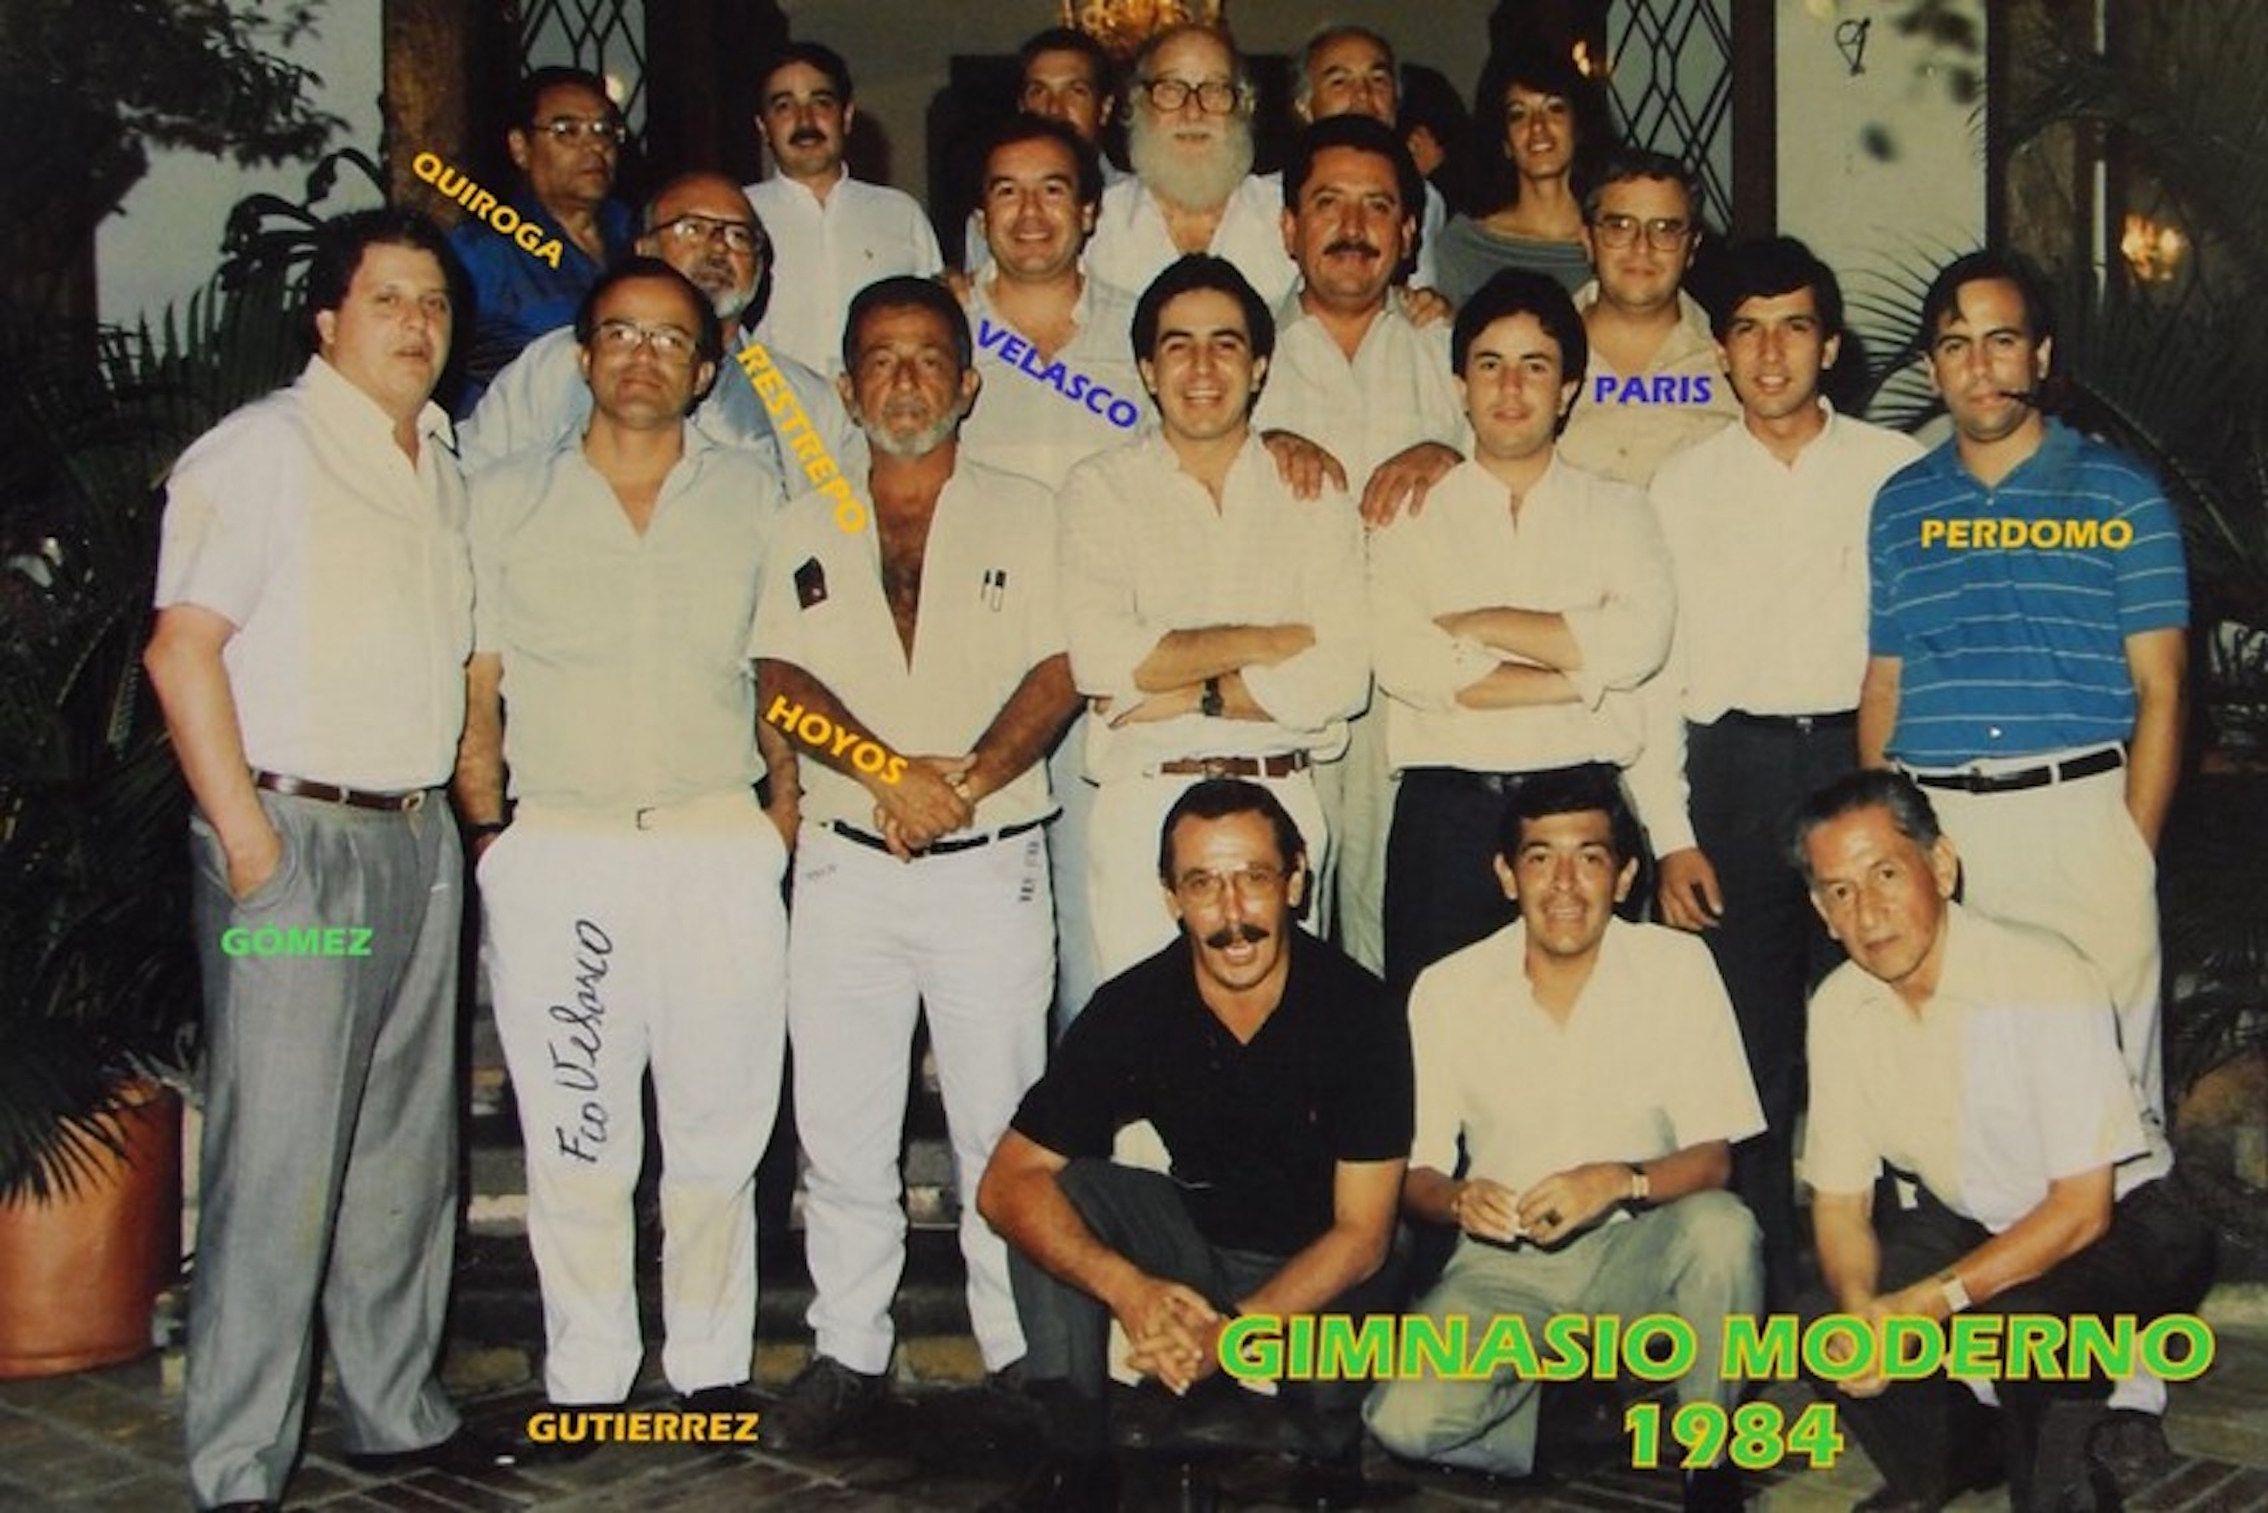 Santiago de Cali, en la casa de LUIS FERNANDO GÓMEZ GONZÁLEZ reunión de exalumnos caleños, Septiembre de 1984 — con LUIS FERNANDO GÓMEZ GONZÁLEZ, Francisco Javier Velasco Vélez, Profesor Quiroga, Alvaro Gutierrez Correa, Jorge Restrepo Potes., GUILLERMO HOYOS (q.e.p.d.),  sobrino de ANDRES CHAUSTRE, Mazabel, otro Sobrino de Andrés Chaustre., Paris y Santiago Perdomo Maldonado.